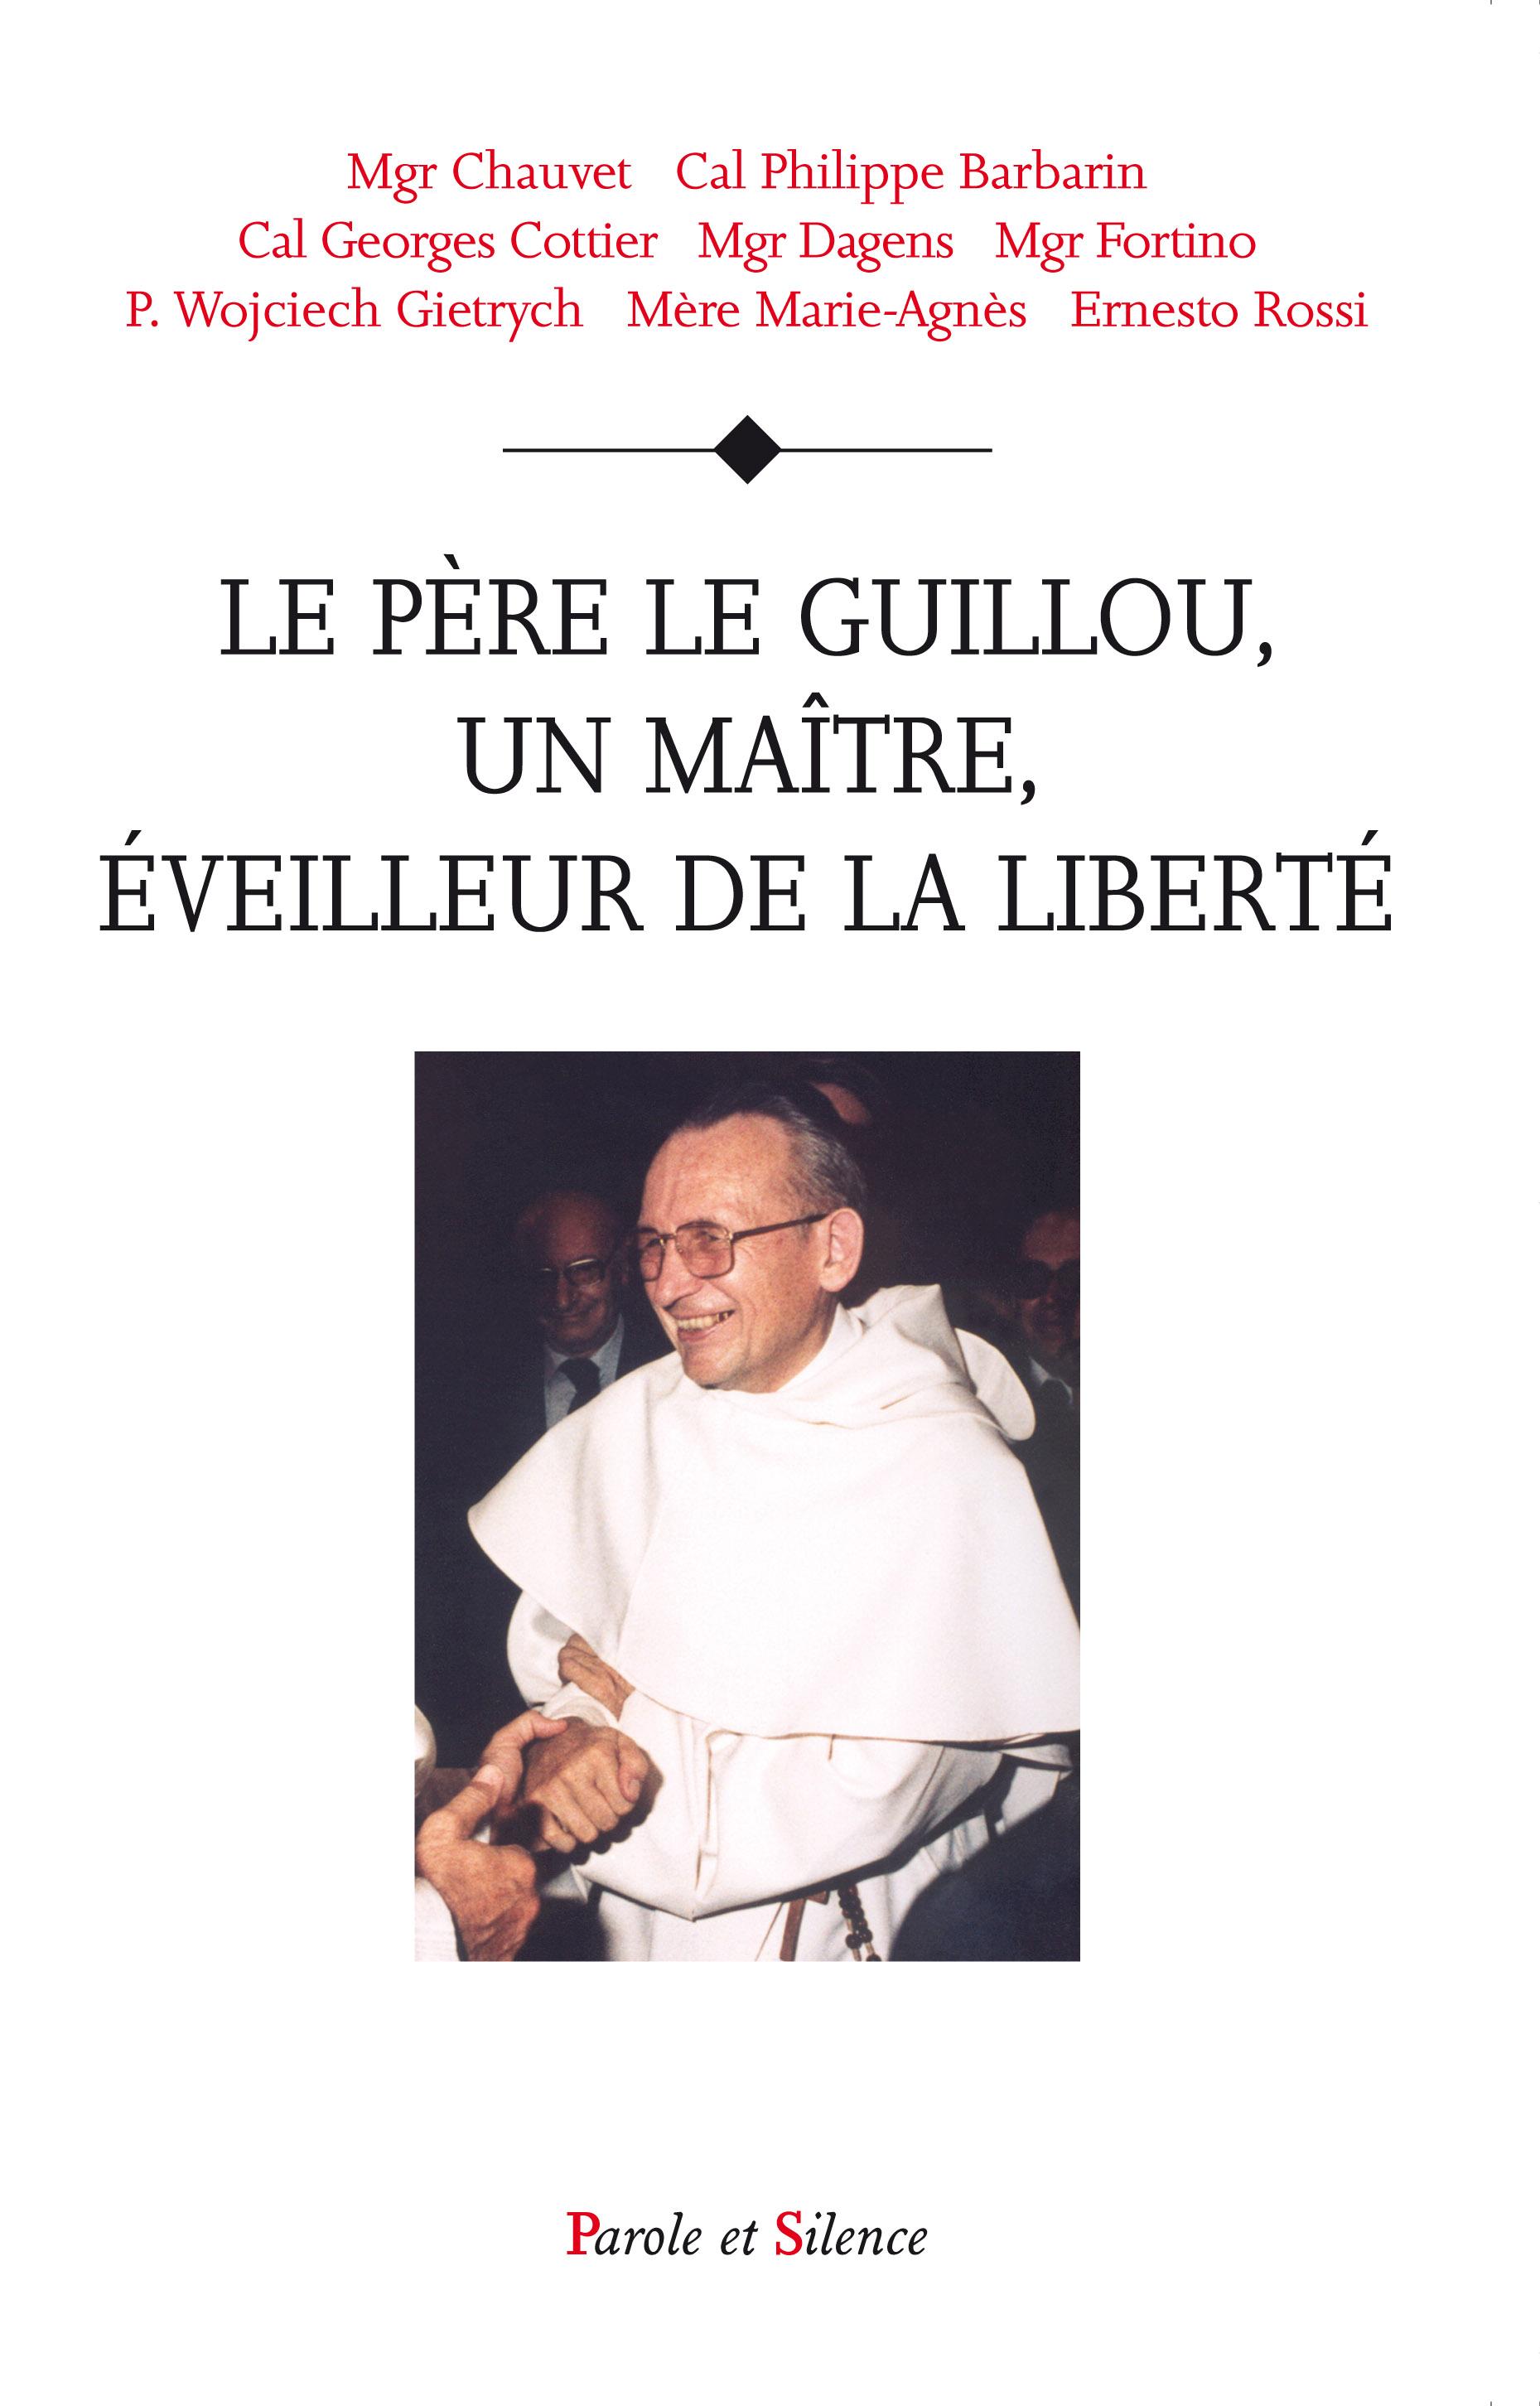 Le père Le Guillou, un maître éveilleur de la liberté